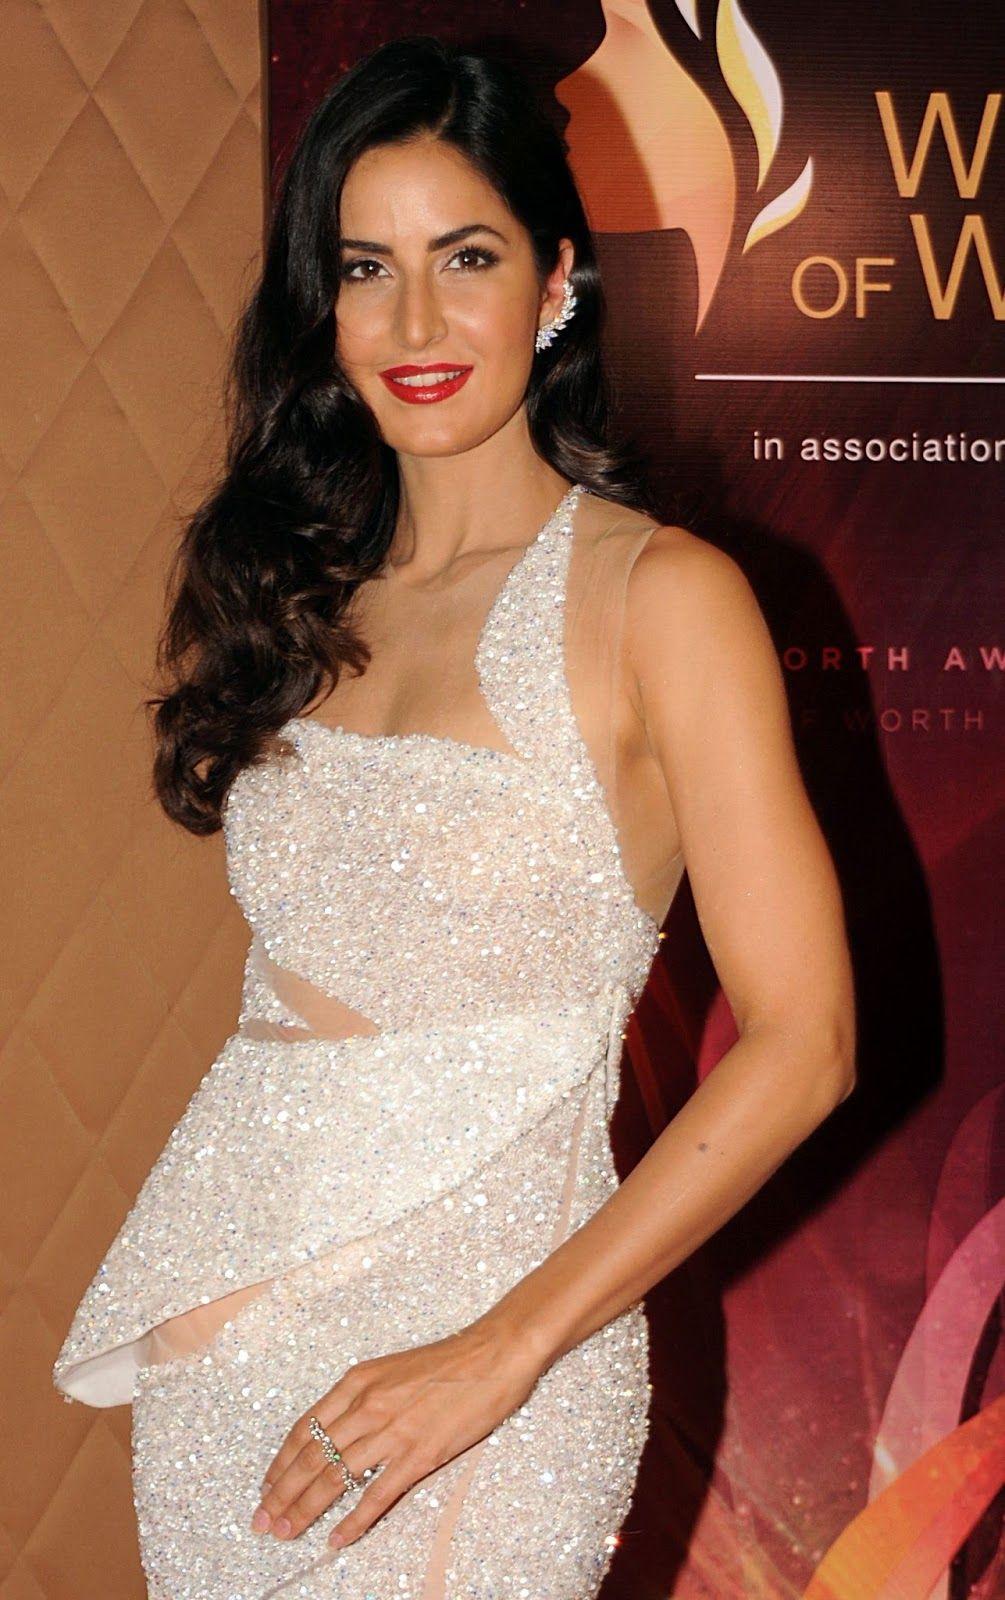 Beautiful Indian Girl Katrina Kaif Hot Leg Show Photos In -5559